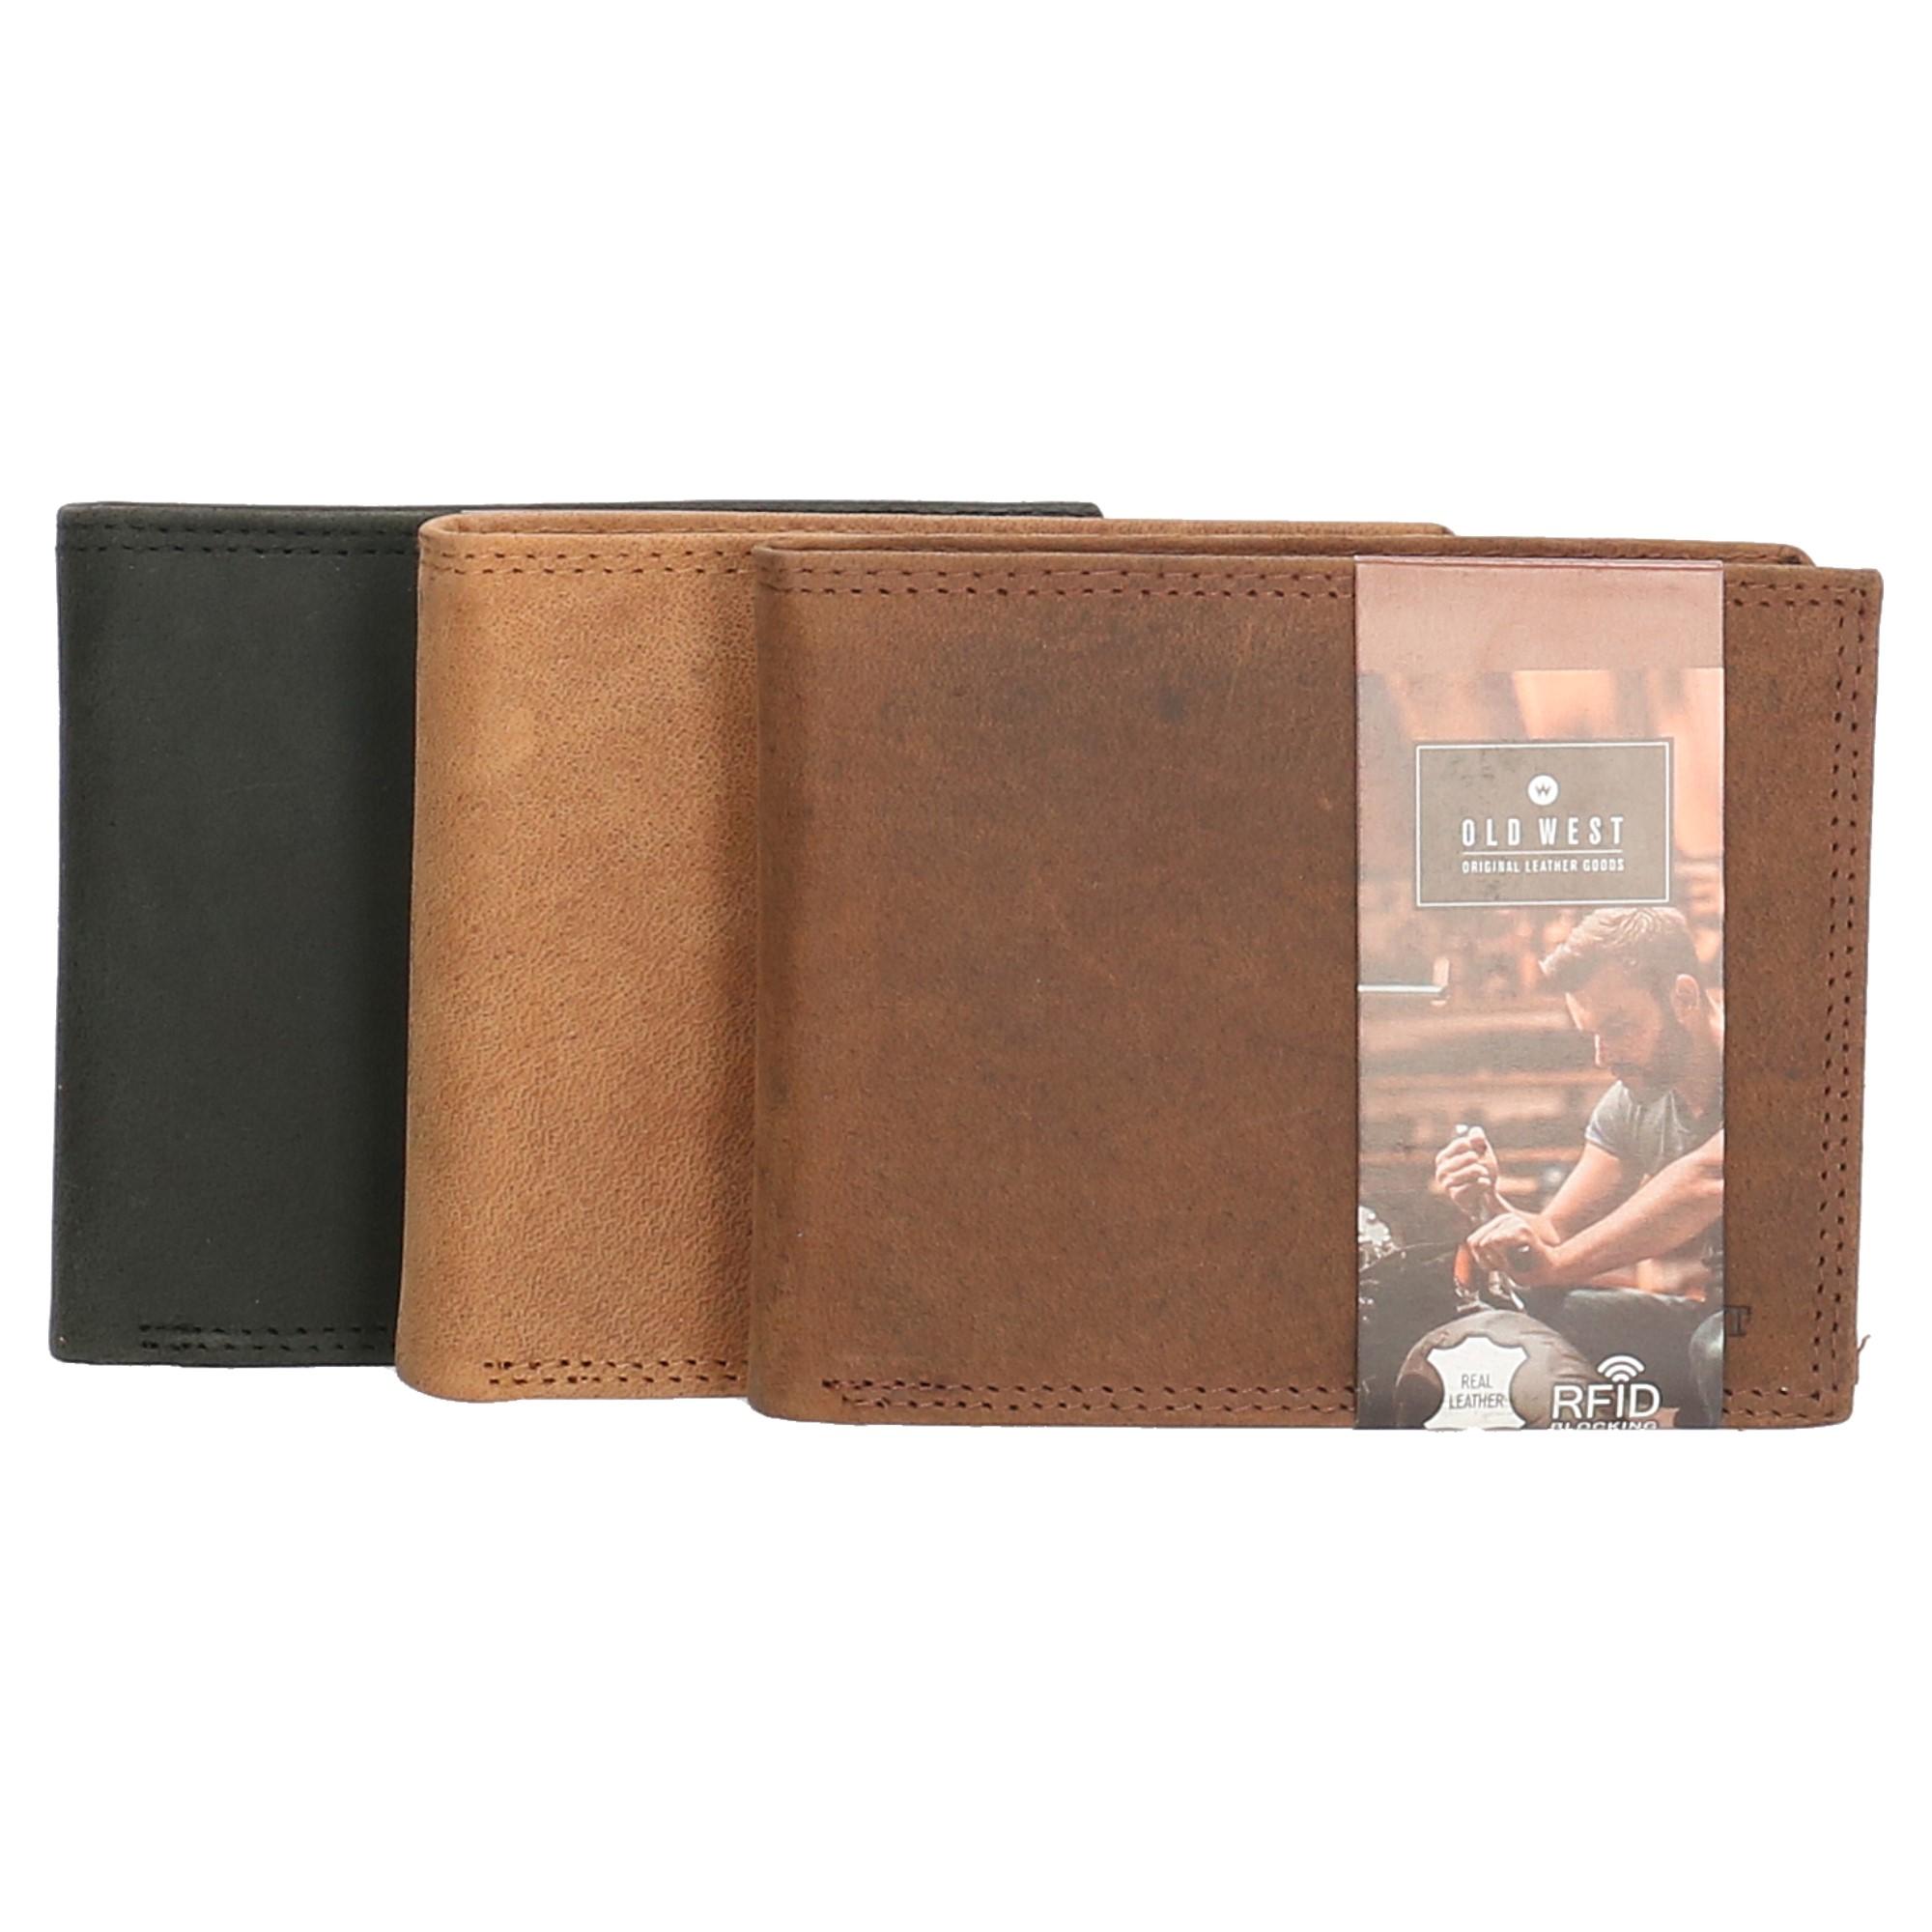 7c6425d6b Pánska kožená peňaženka z pravej kože Old West - v troch farbách ...